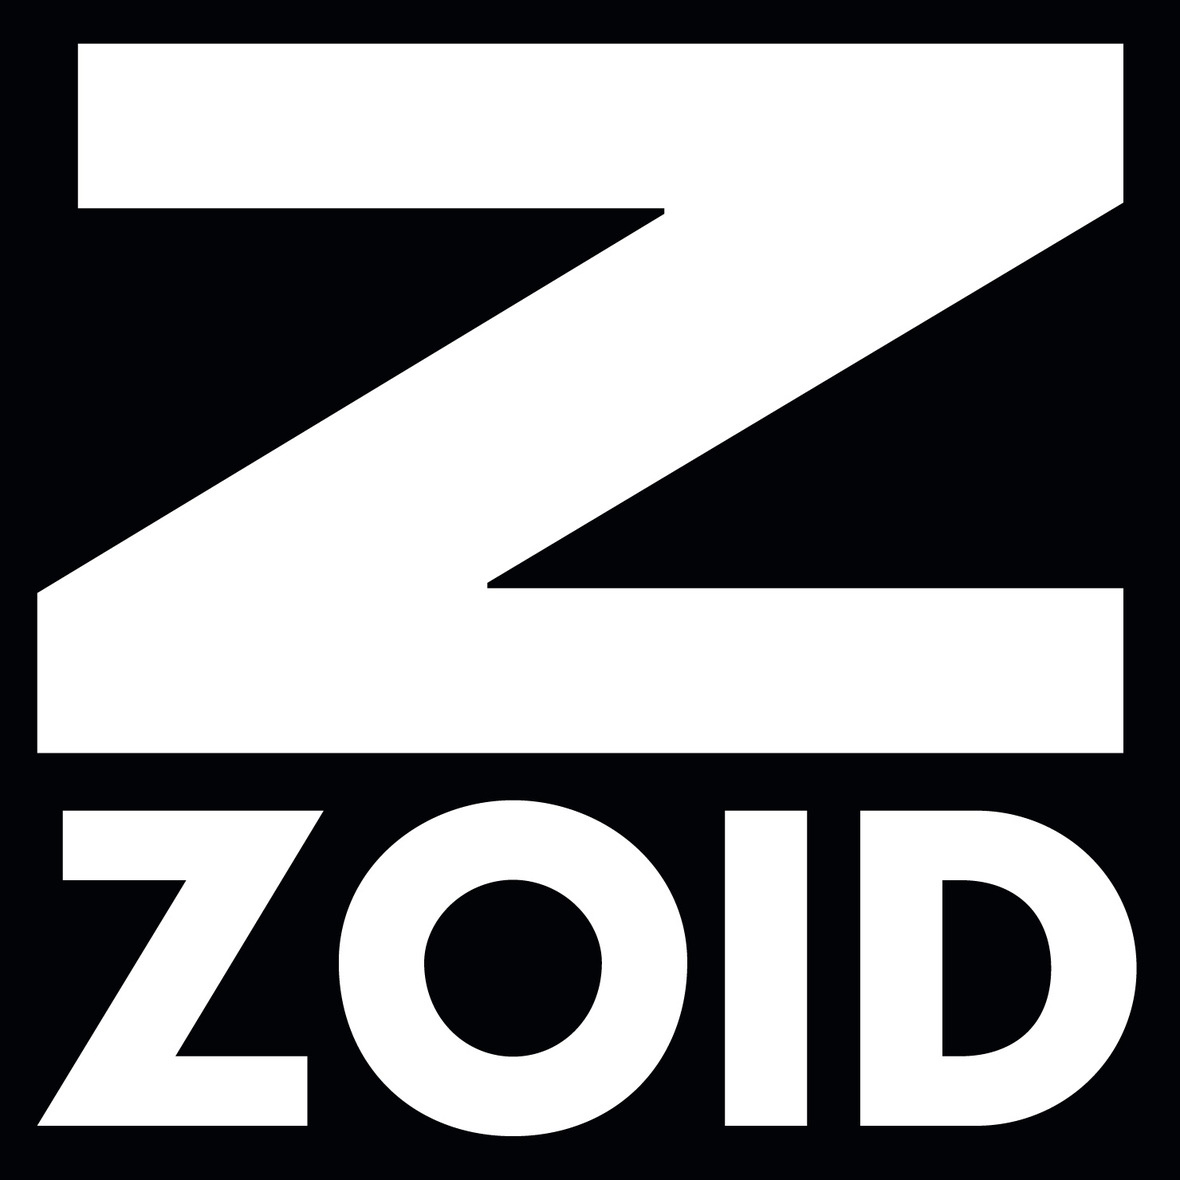 ZOID-LOGO